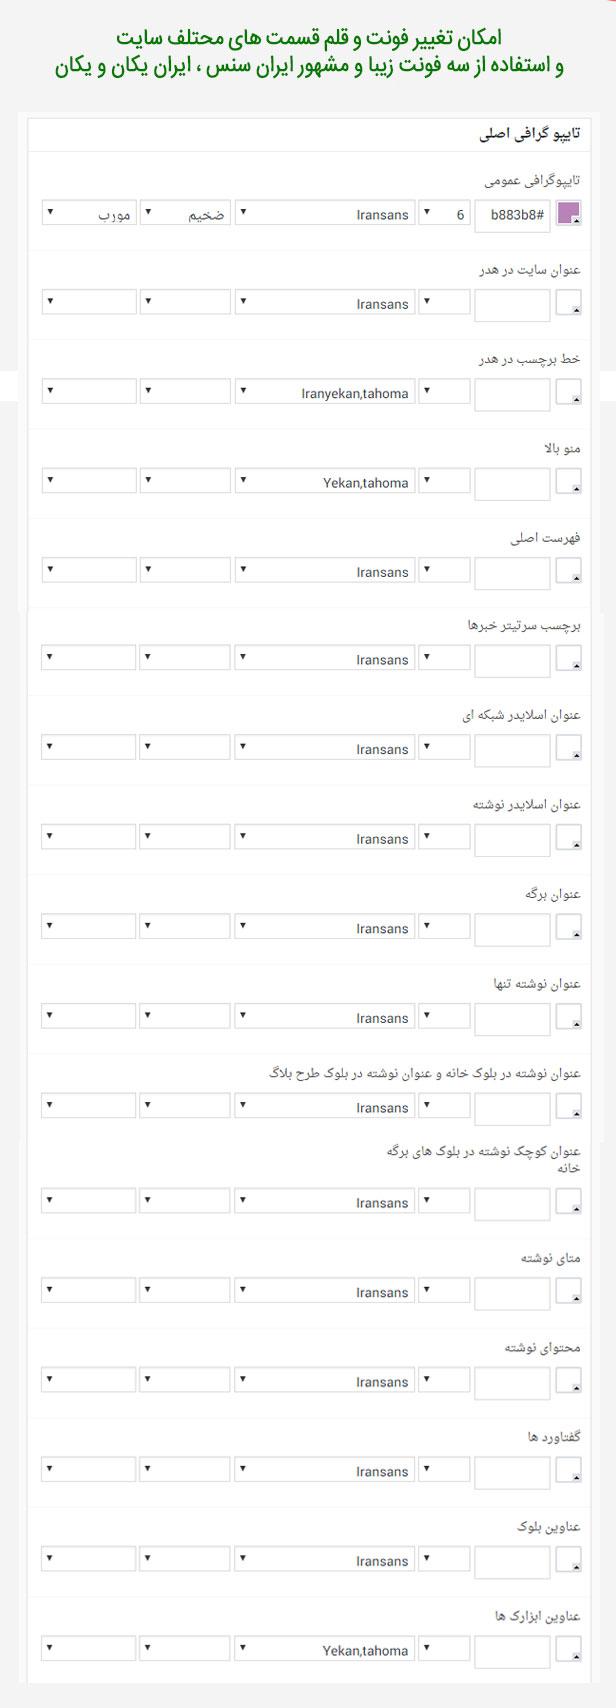 قالب sahifa - تصویر 11